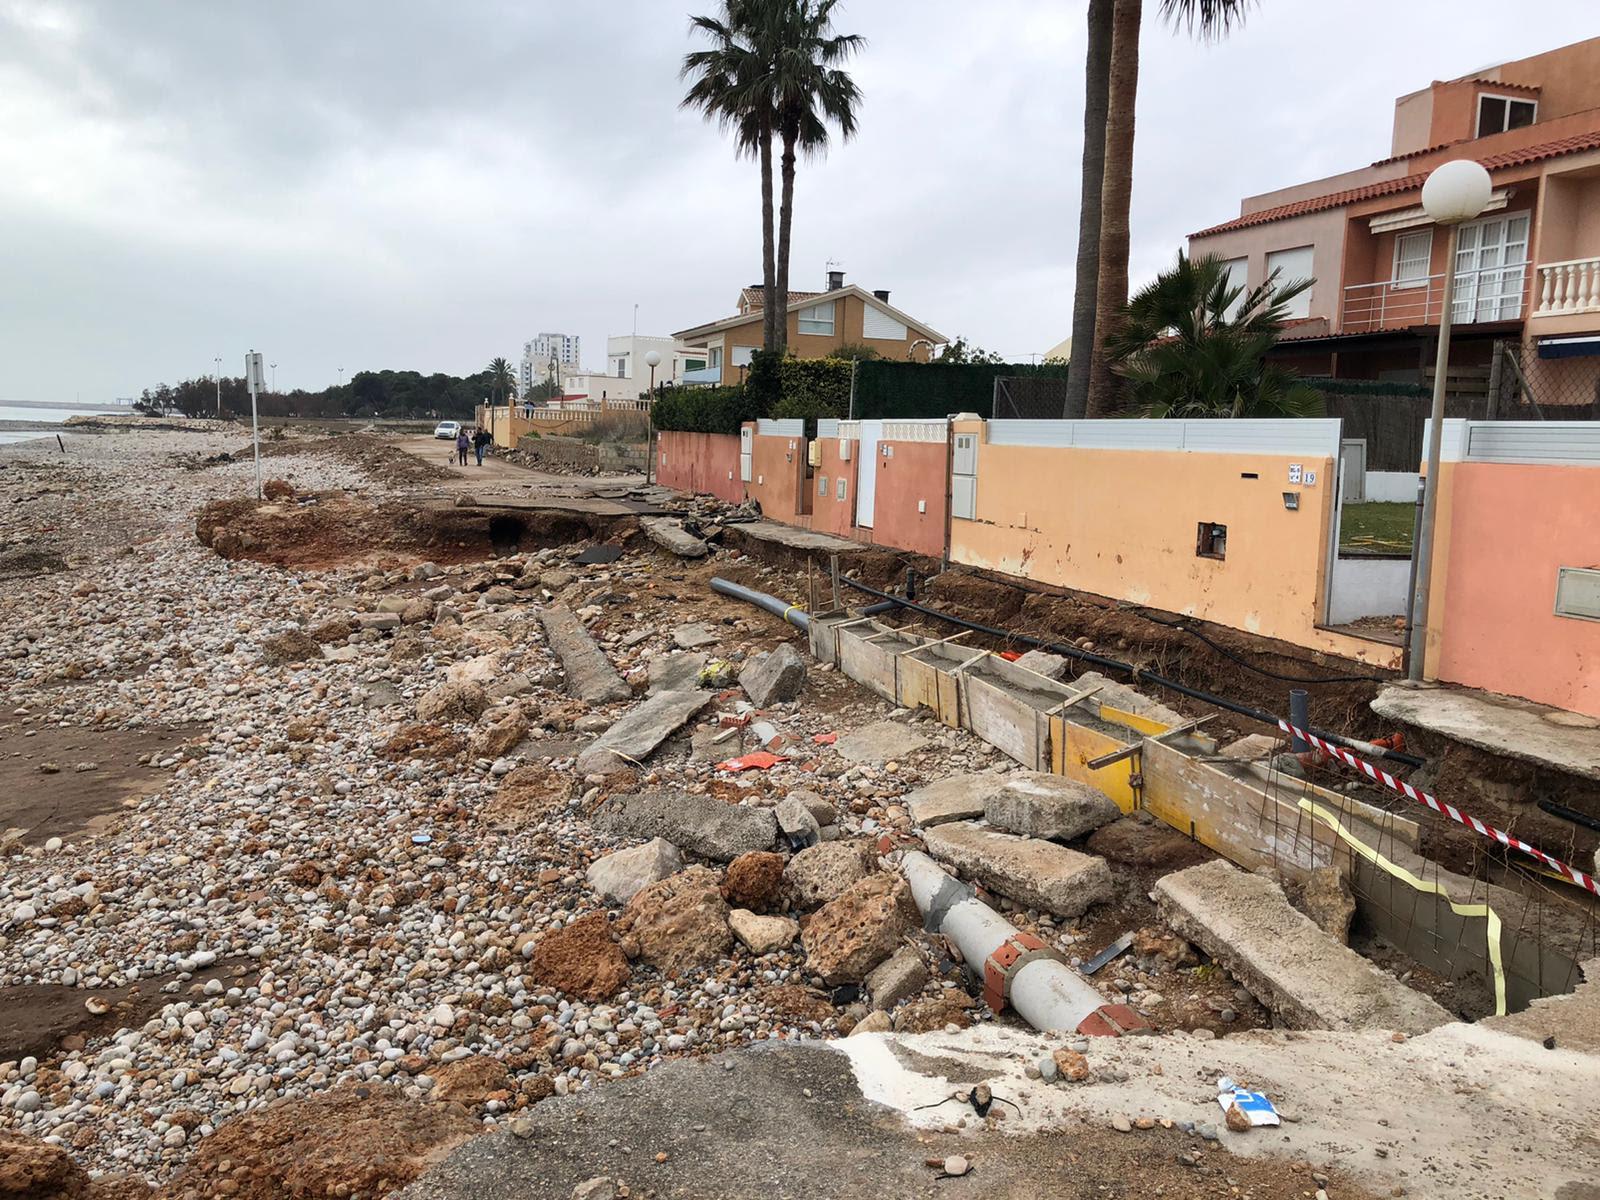 Costes destinarà 500.000€ per a reparar el litoral de Vinaròs